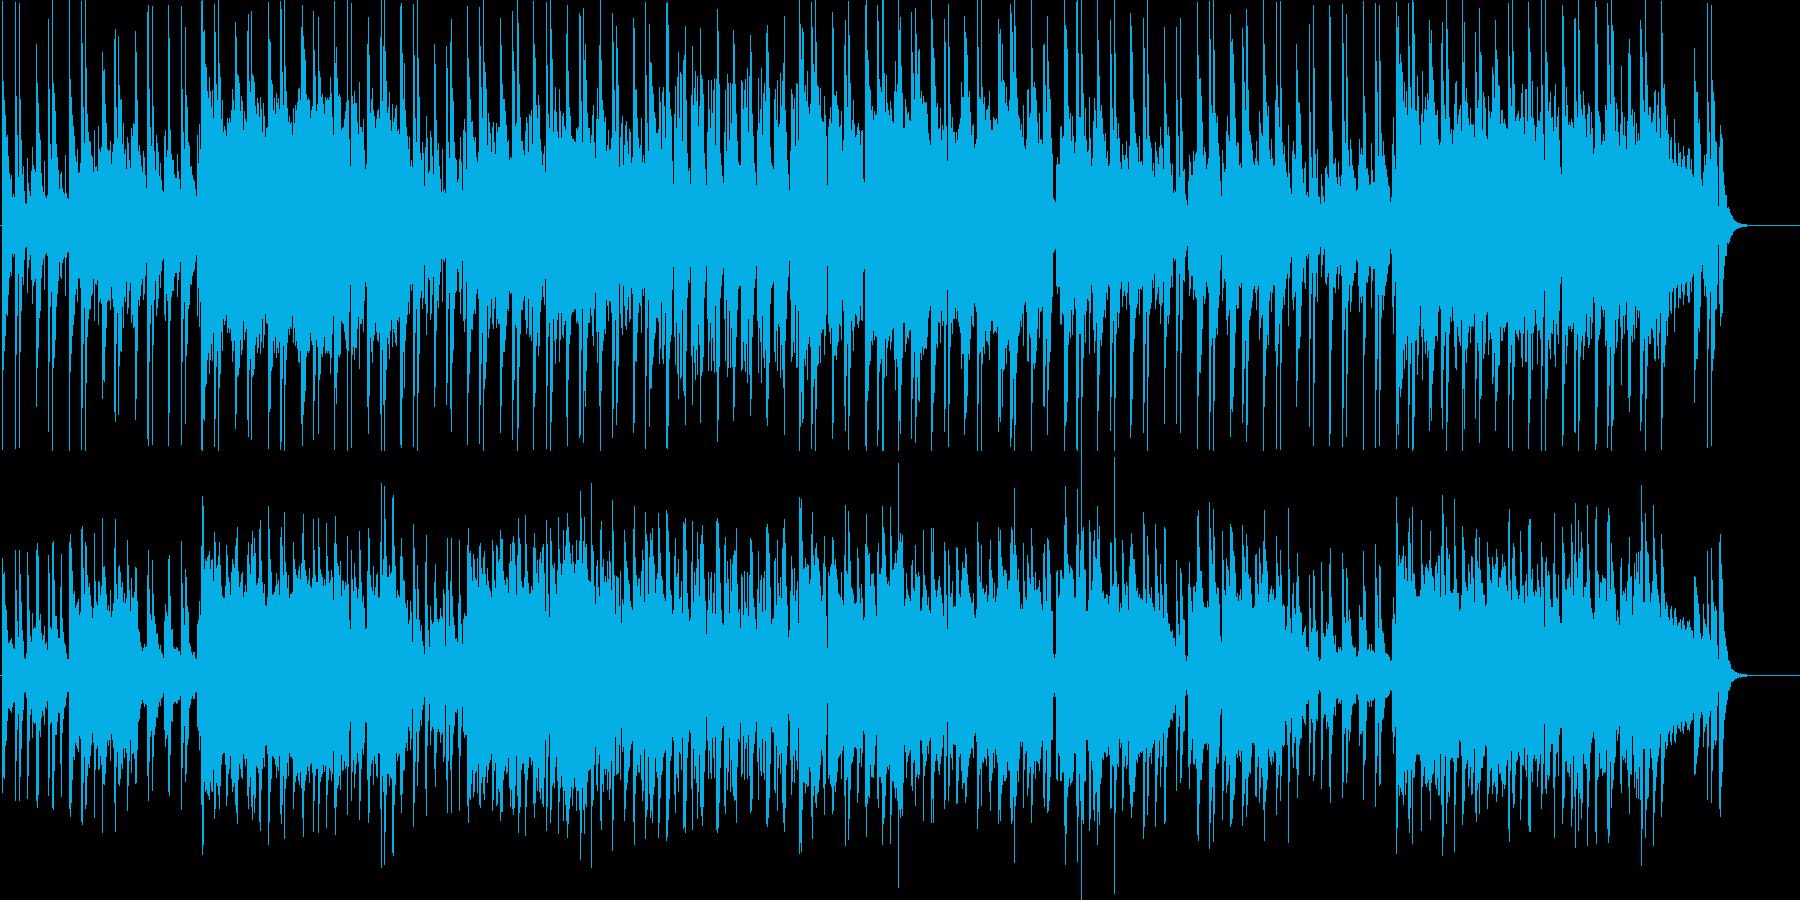 ミクソリディアン音階を使った不思議なほ…の再生済みの波形